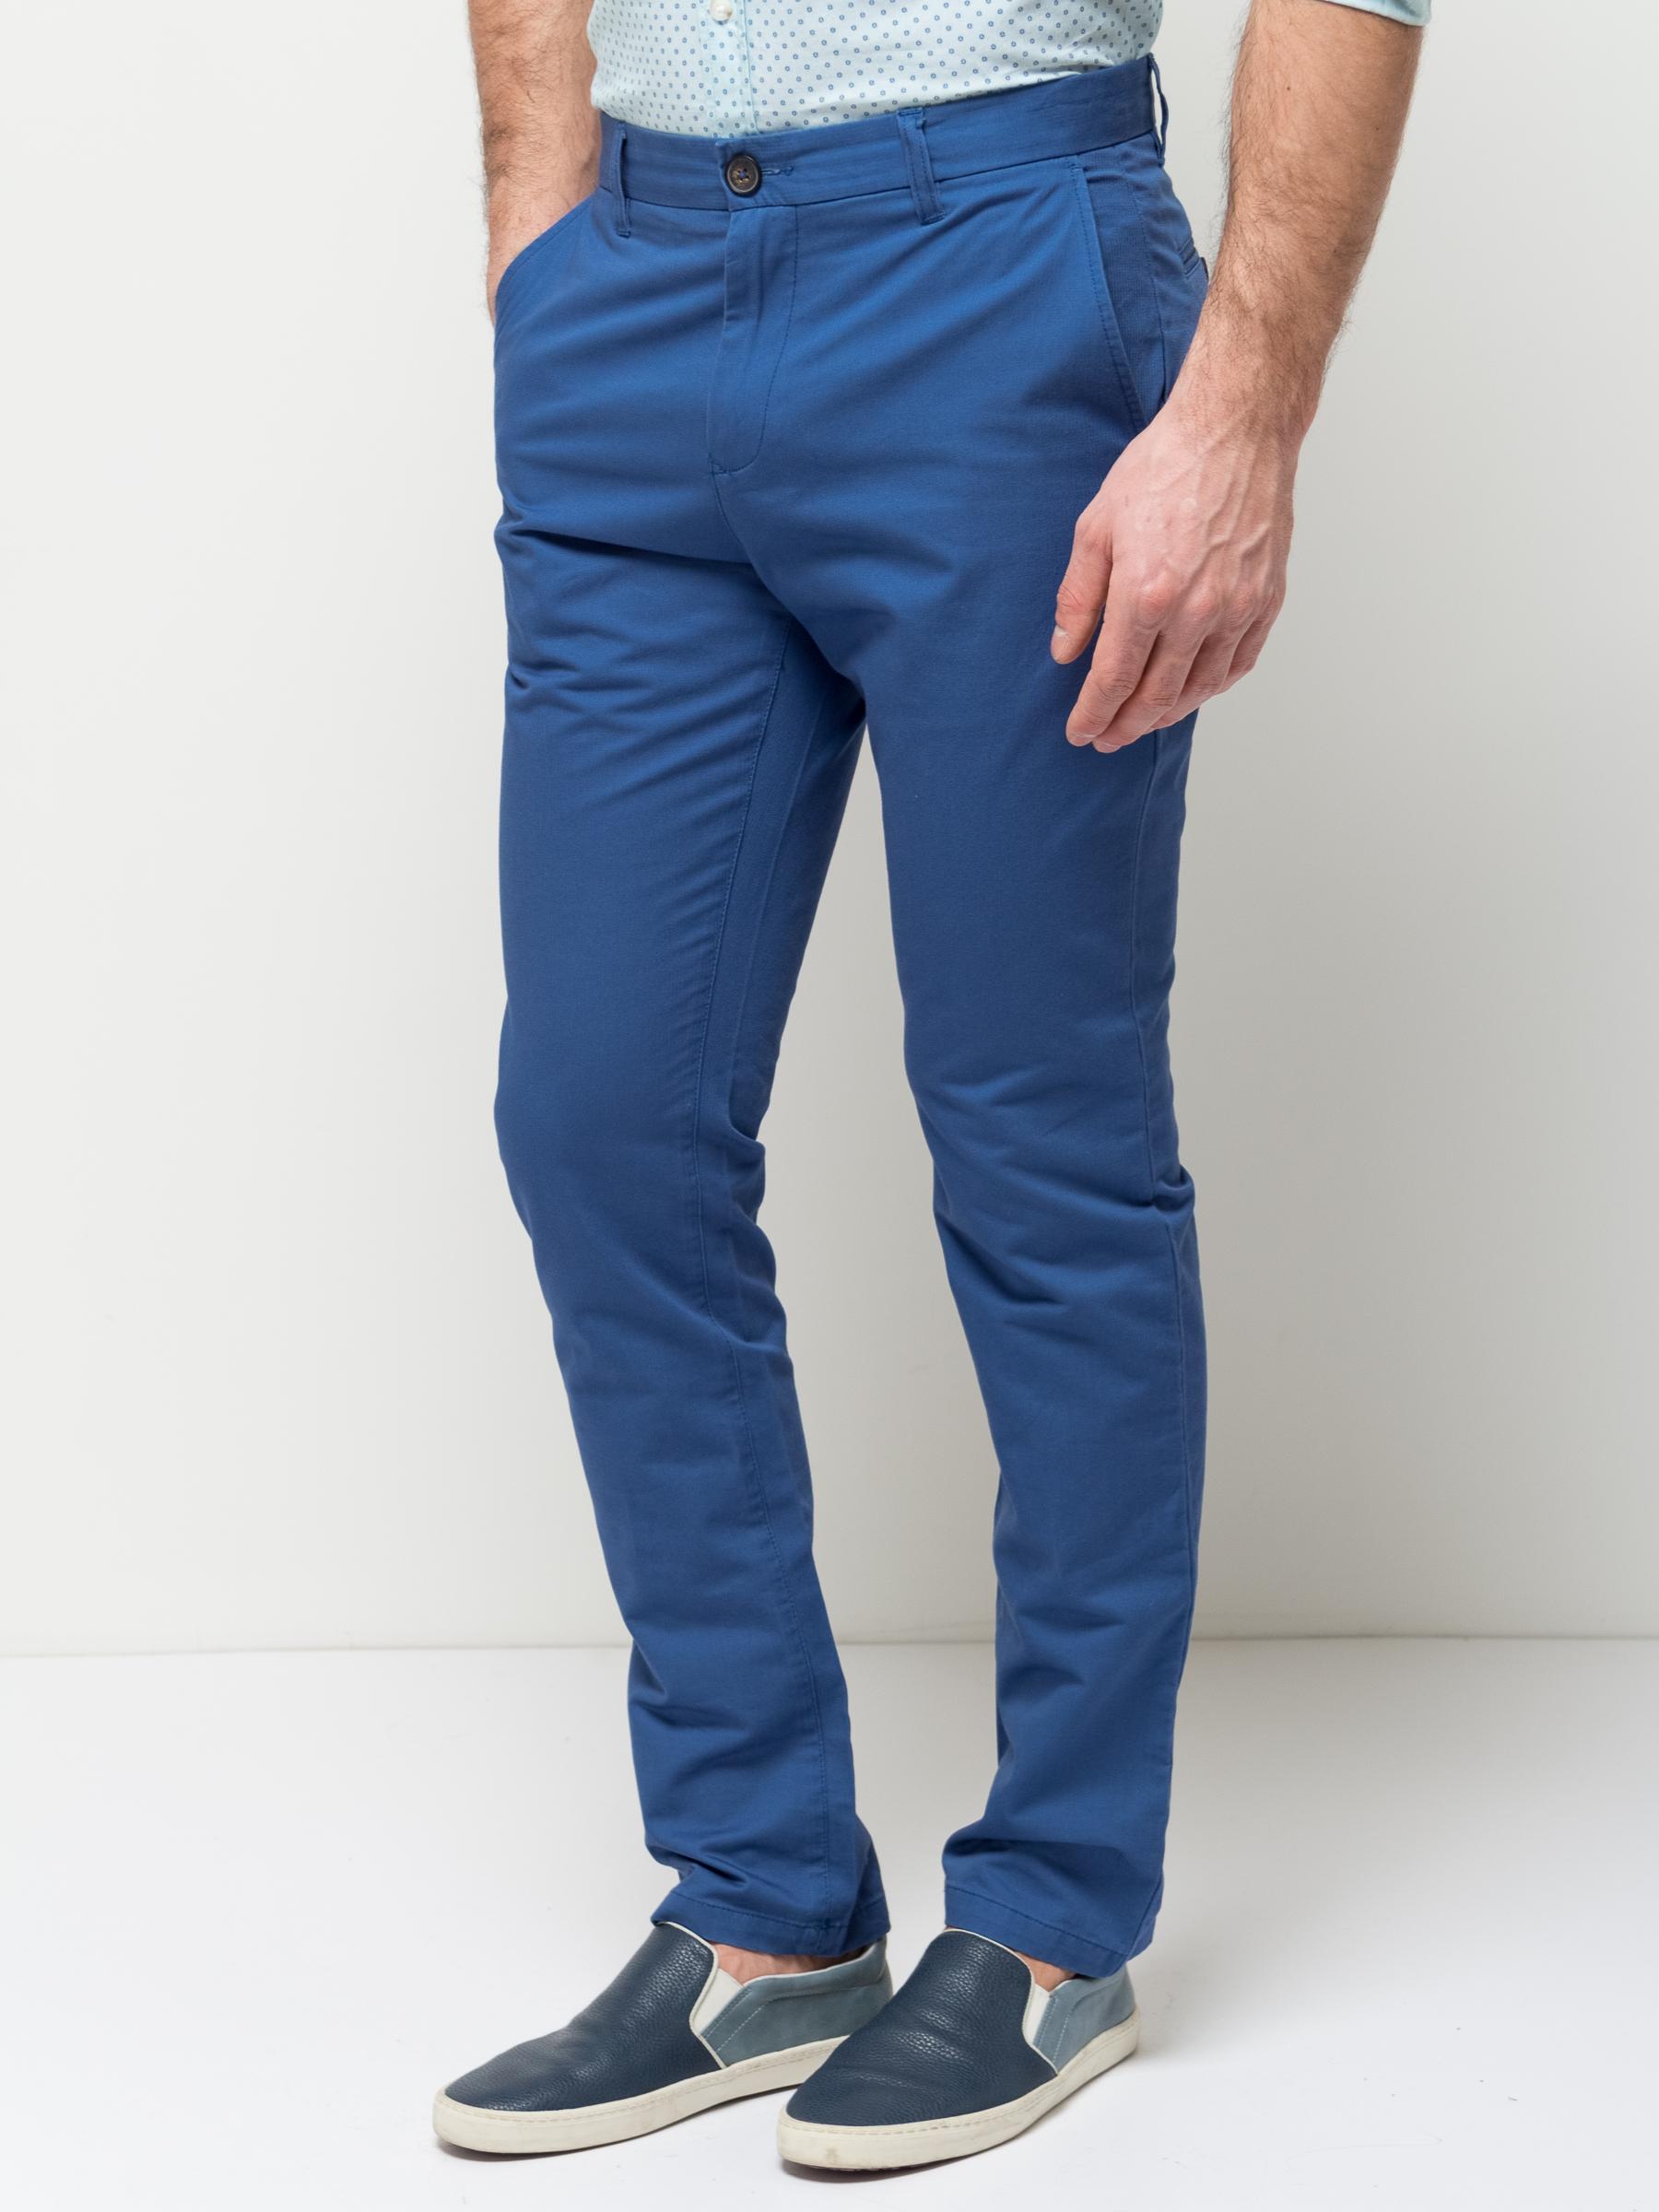 Фото штанов слаксы мужские